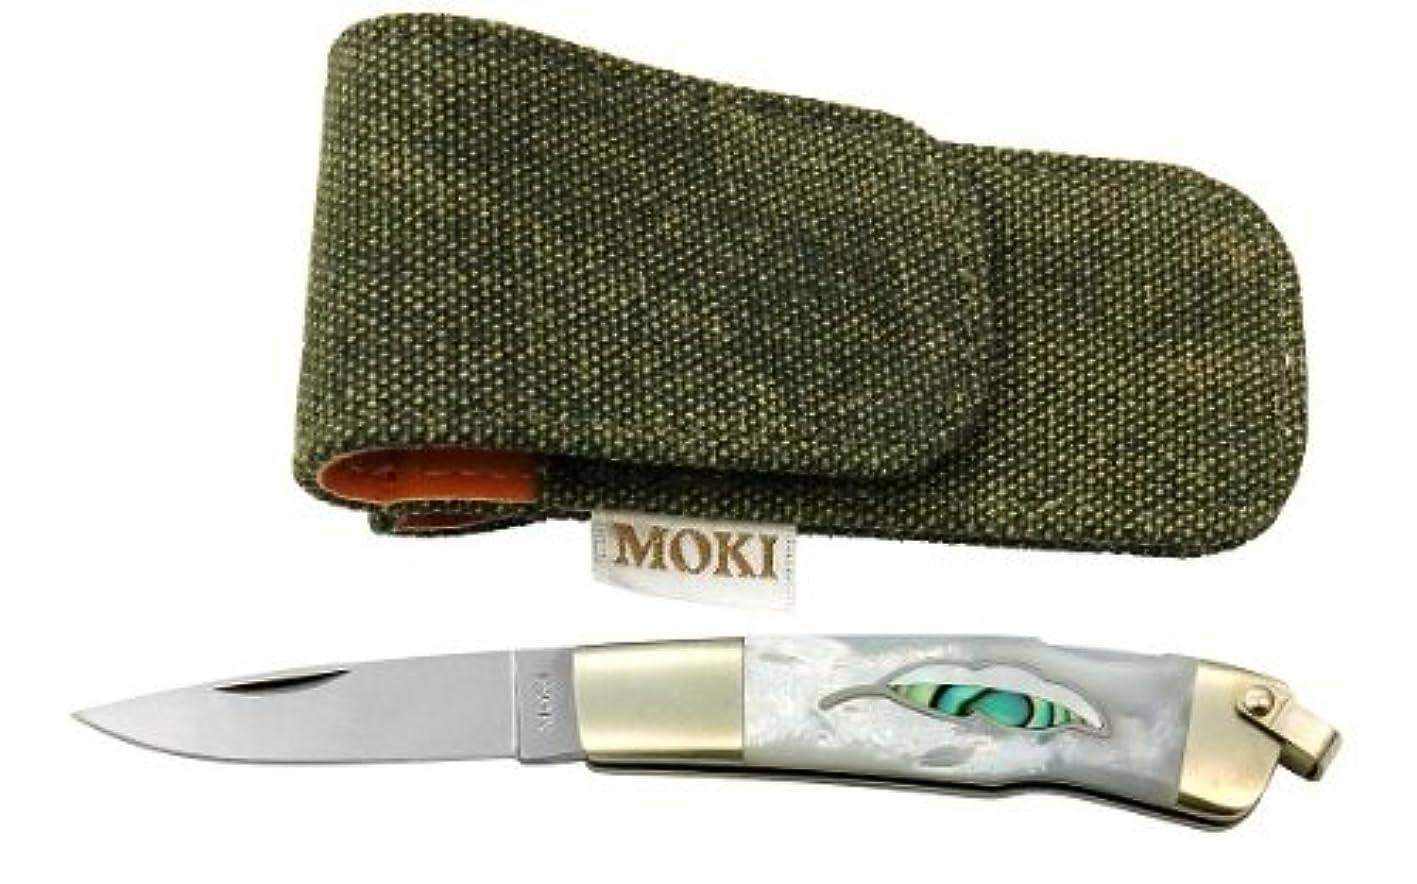 焦がすバンドルチャンスモキナイフ MOKI  MK-810EL リーフ 白蝶貝(白蝶貝+あわび) ハンドル:7cm、ブレード:4.5cm VG-10